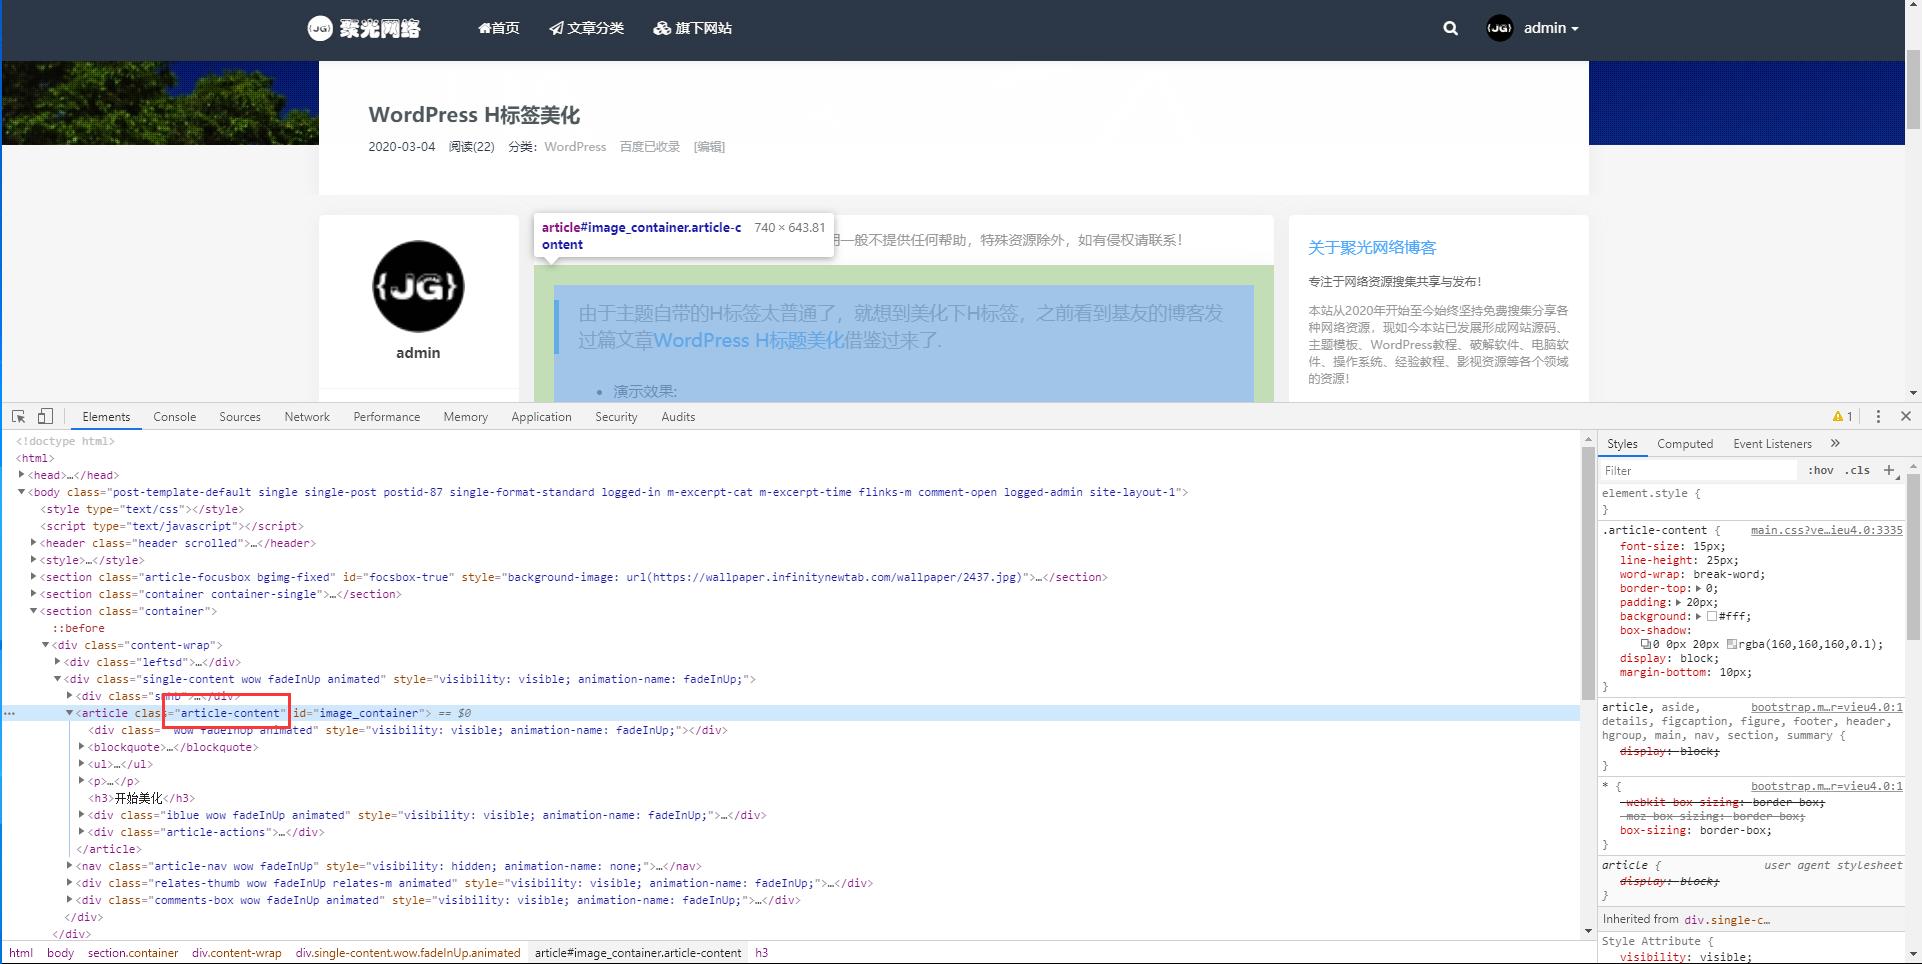 WordPress H标签美化